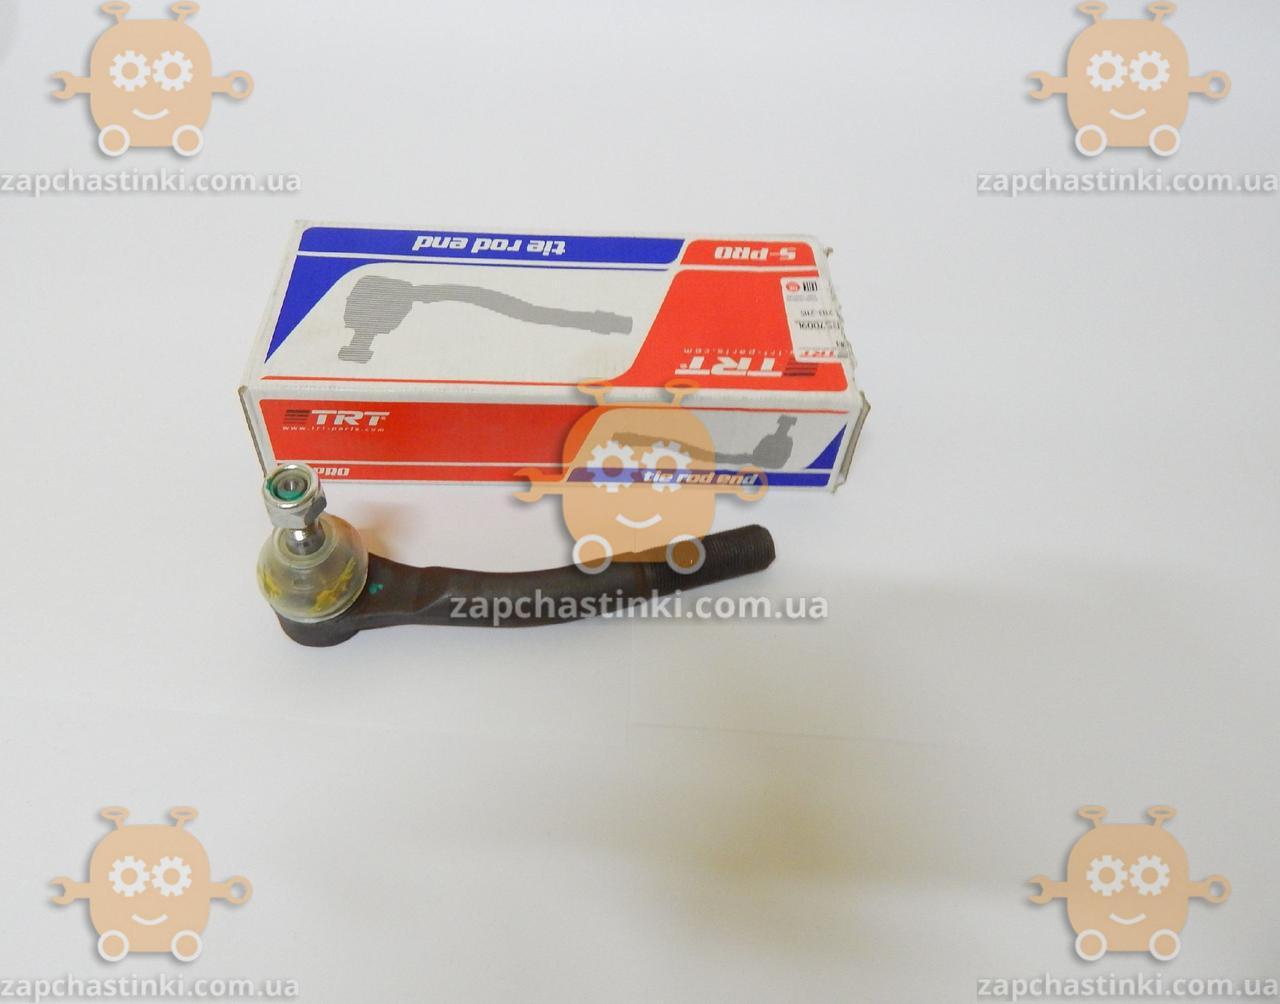 Наконечник рулевой тяги ВАЗ 2108 - 21099, 2113 - 2115 левый (пр-во TRT Корея) Качество отличное! ПД 163564